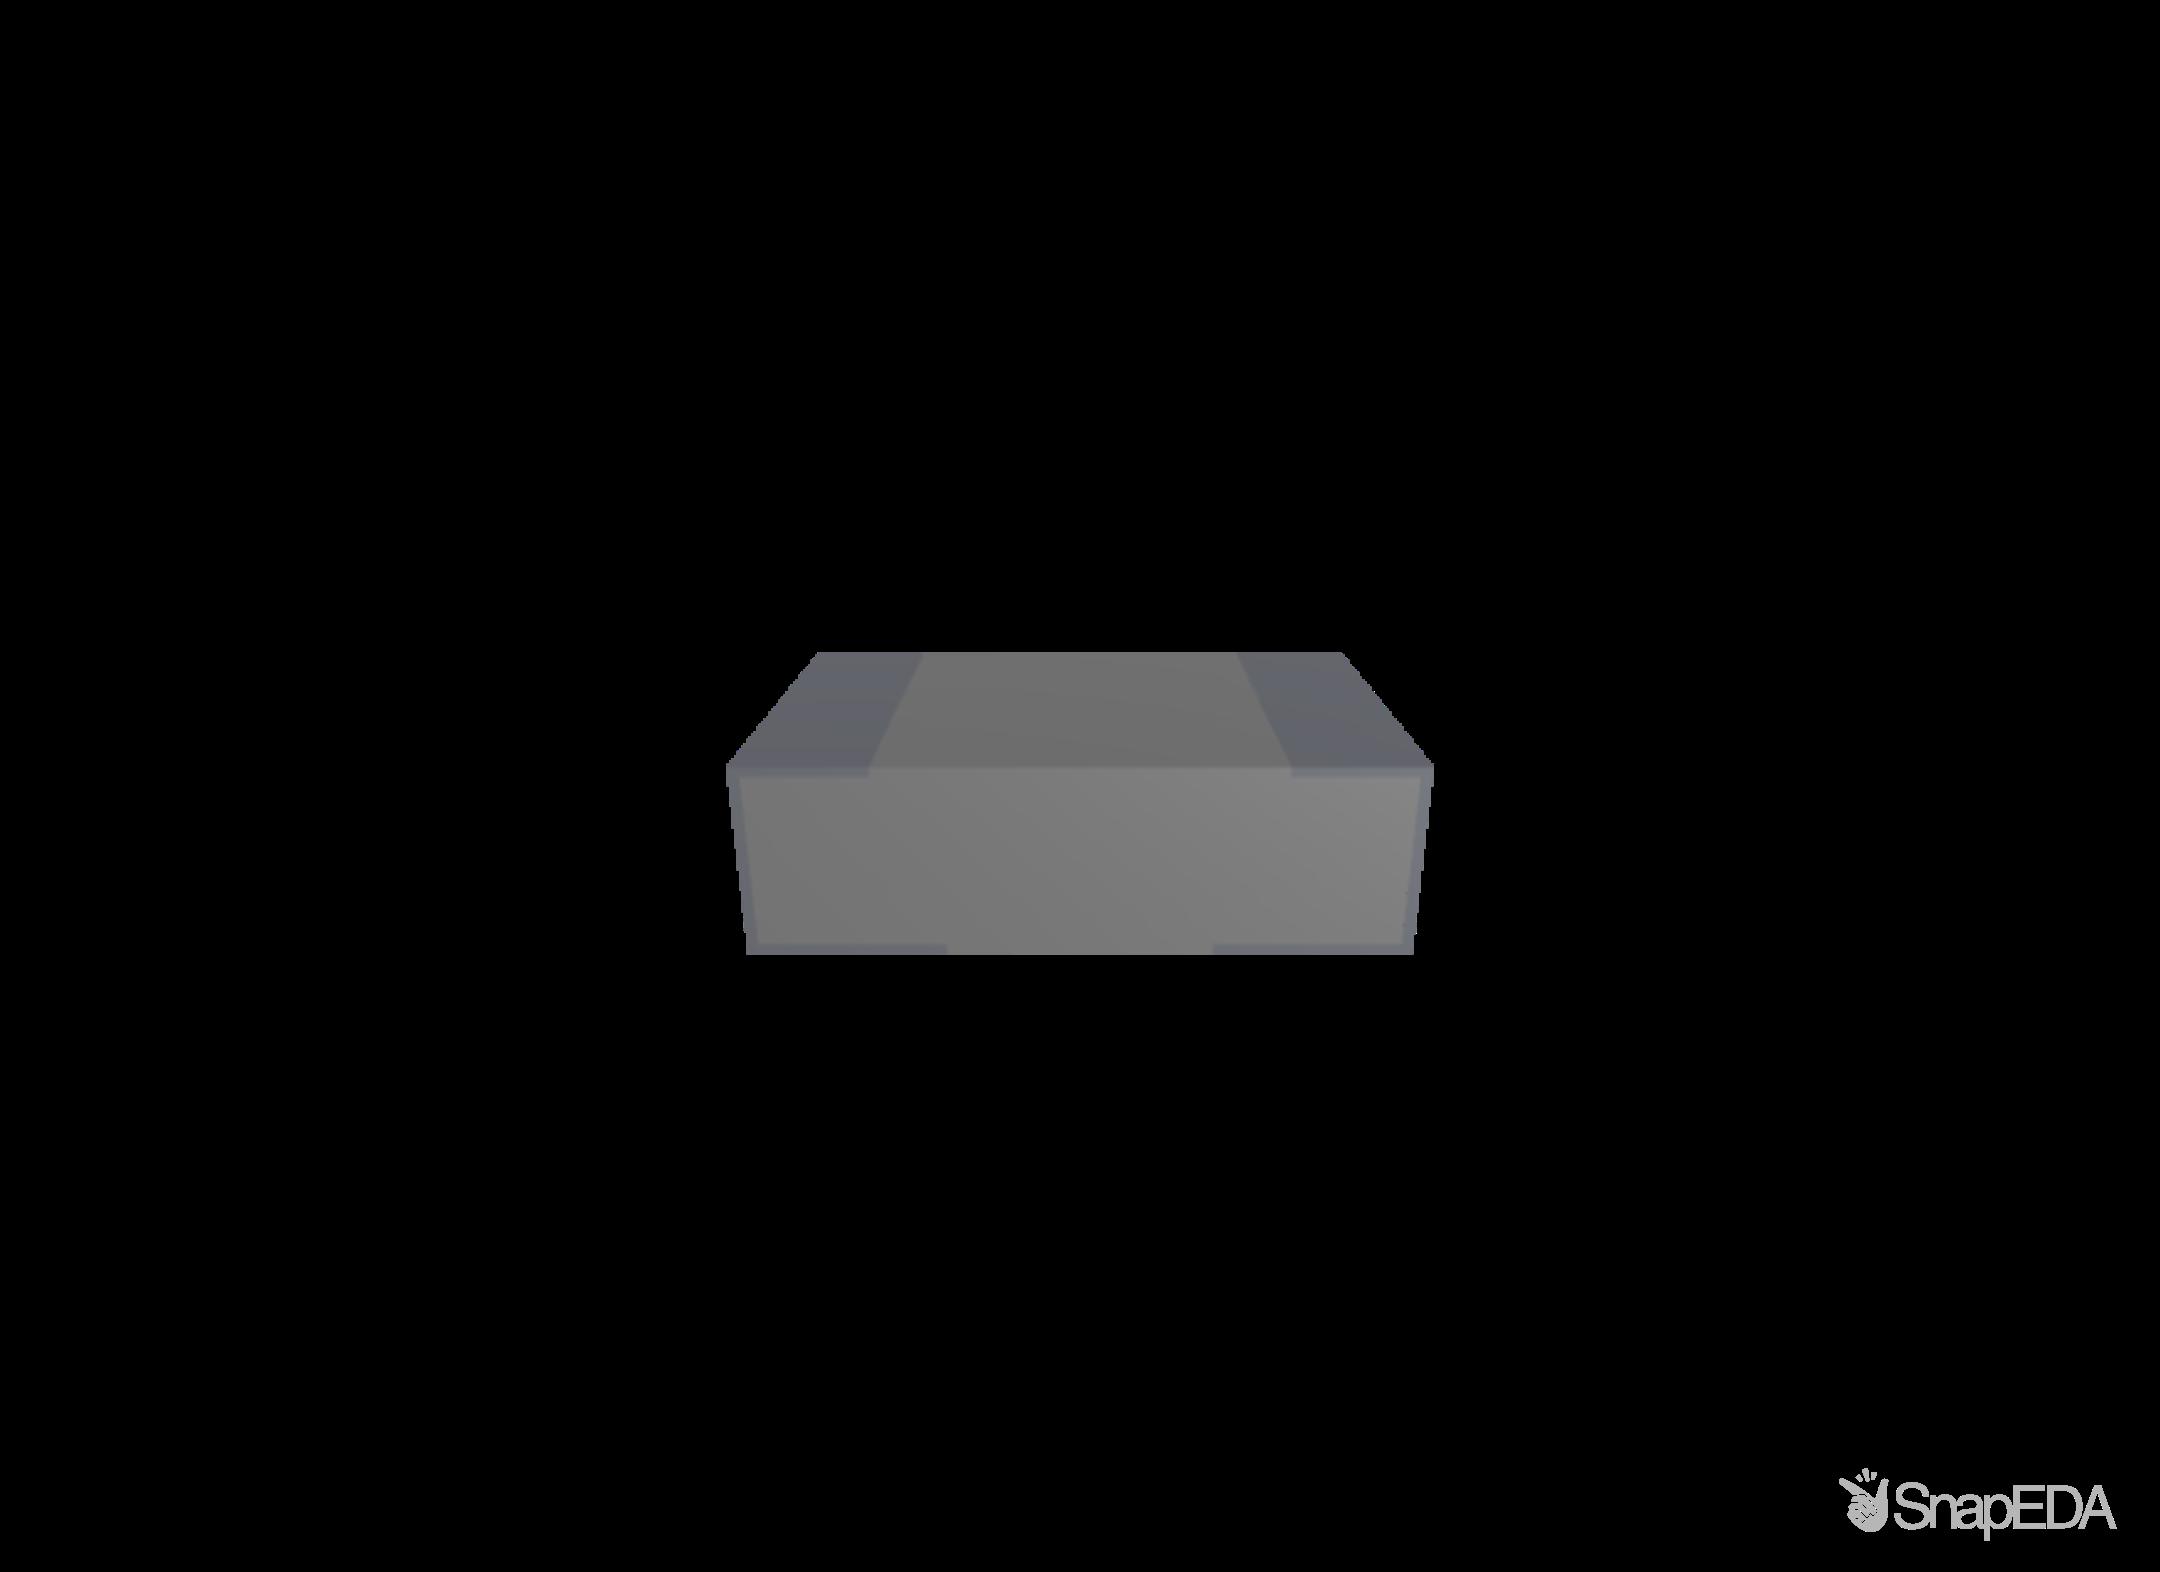 RNCP0805FTD1K00 3D Model